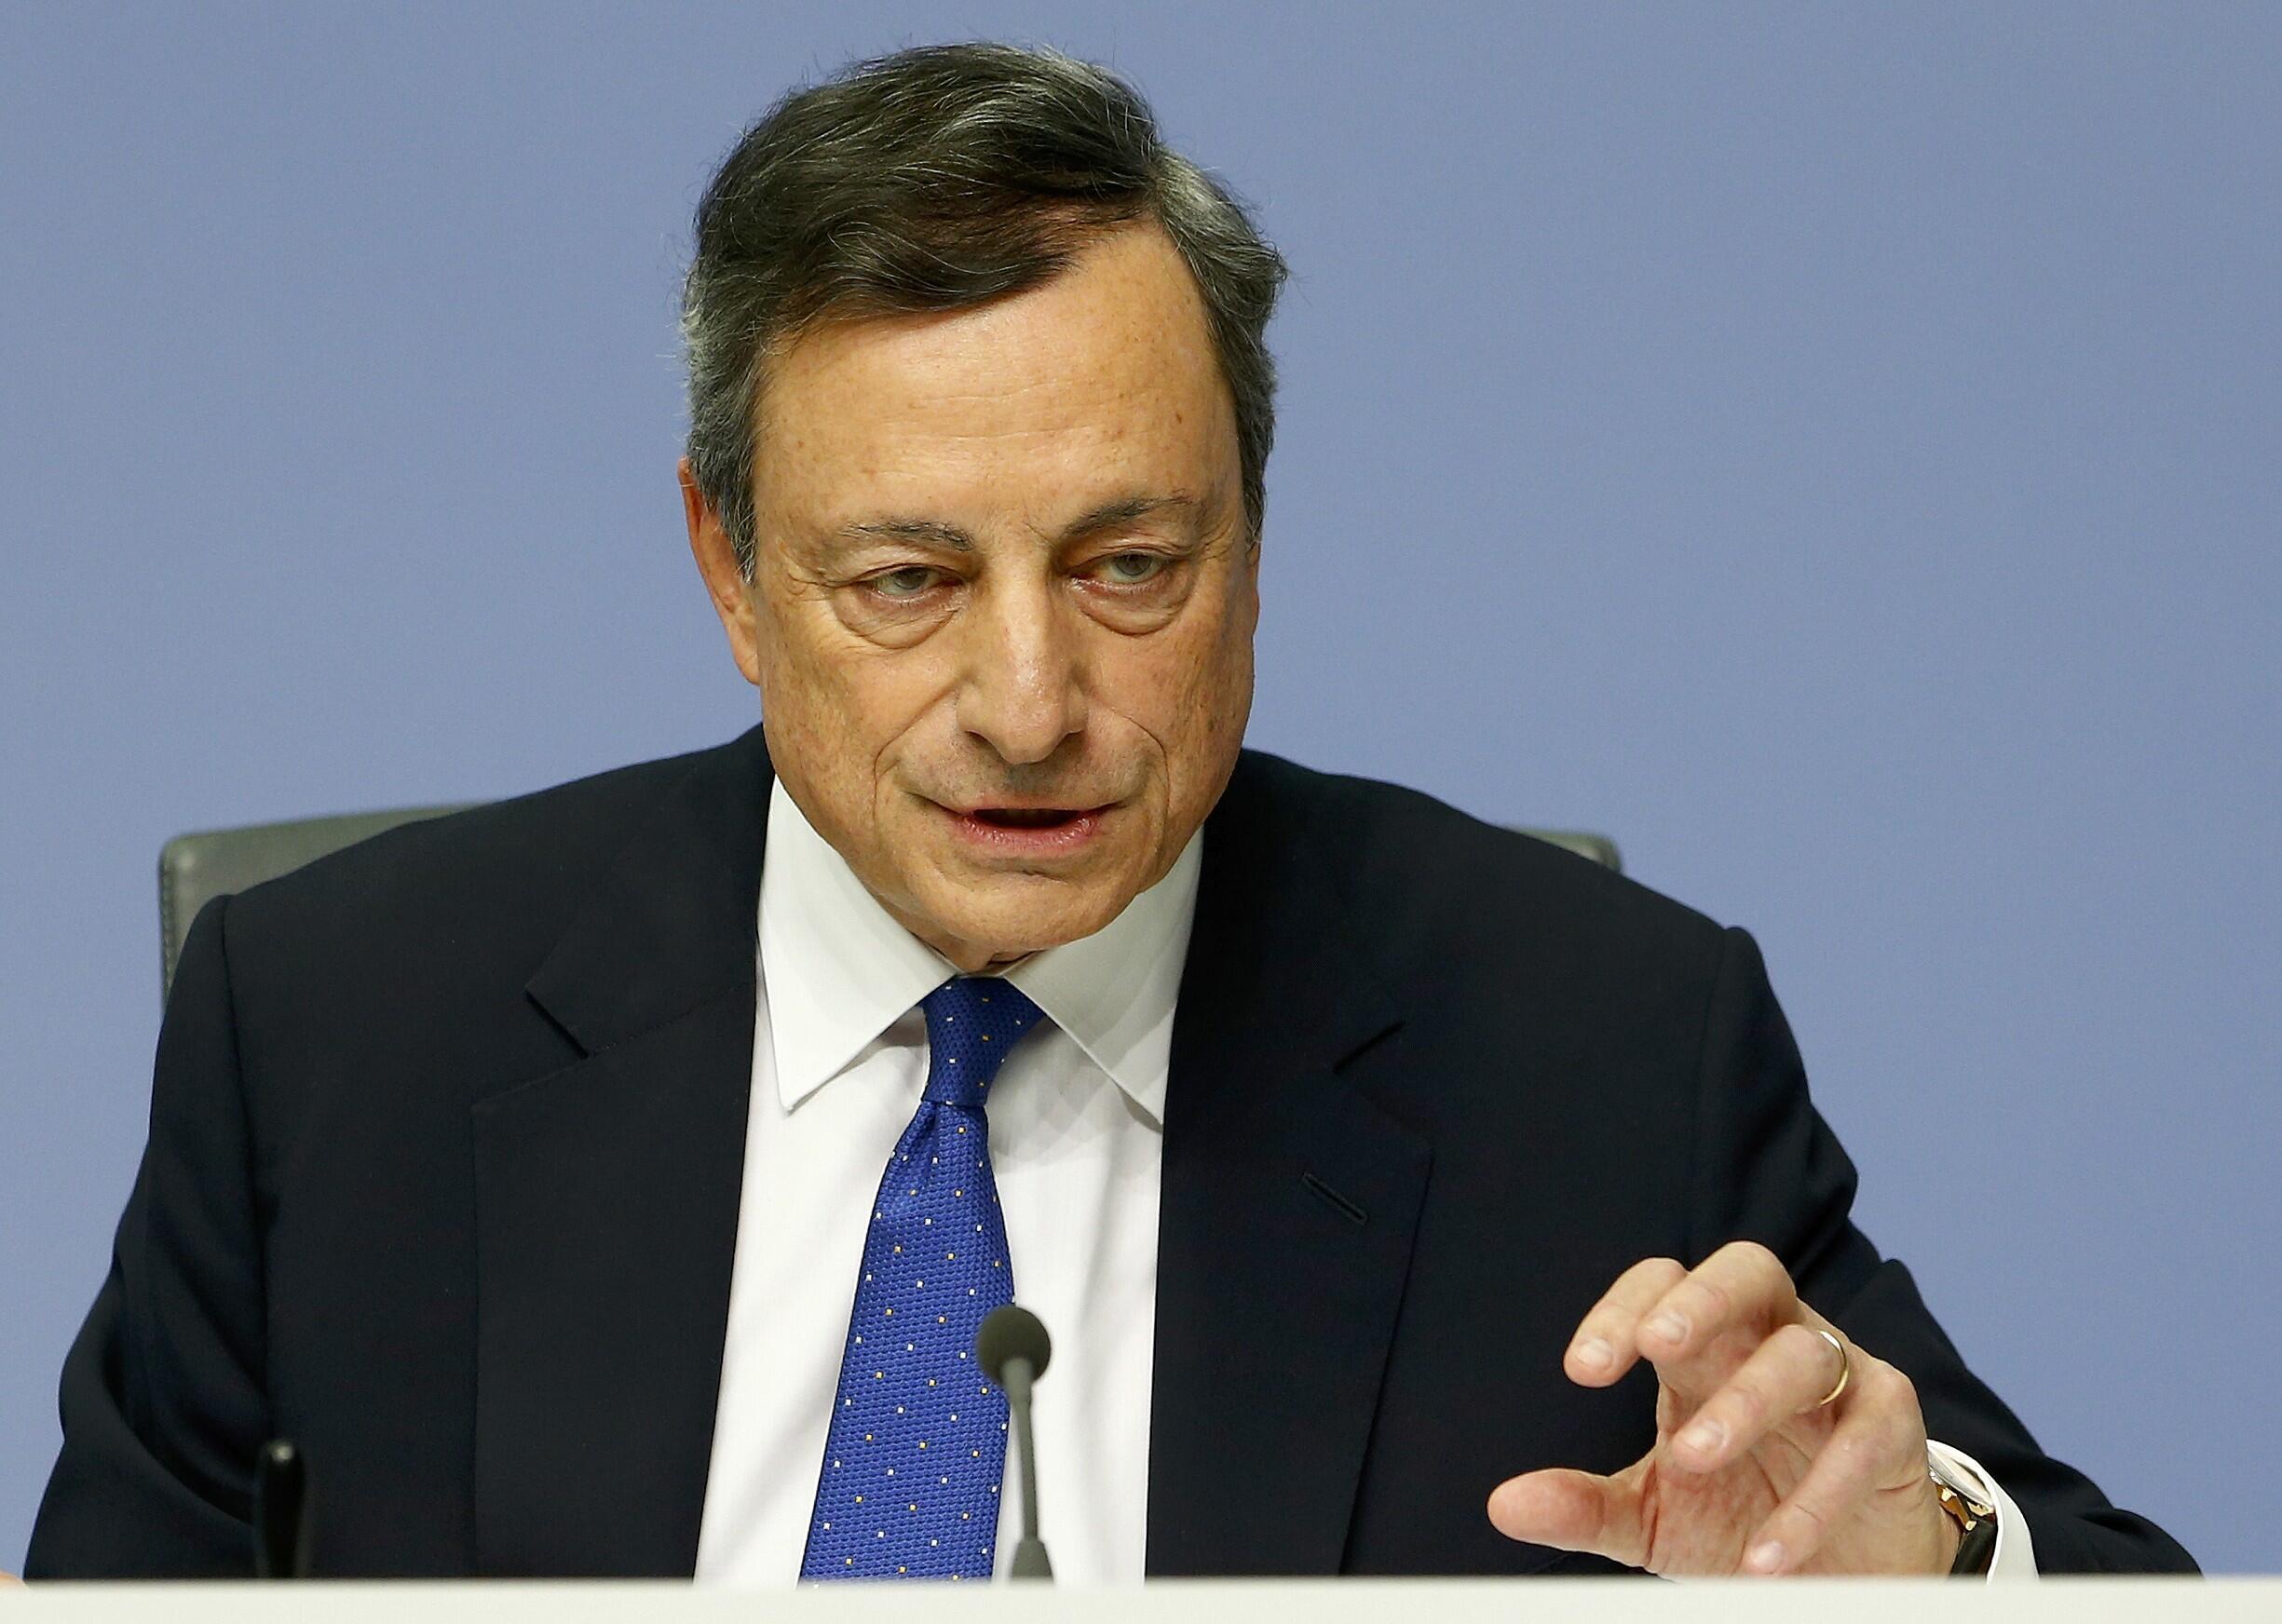 Le président de la Banque centrale européenne, Mario Draghi, lors d'une conférence de presse, ce 8 décembre 2016, au siège de l'insitution à Francfort.